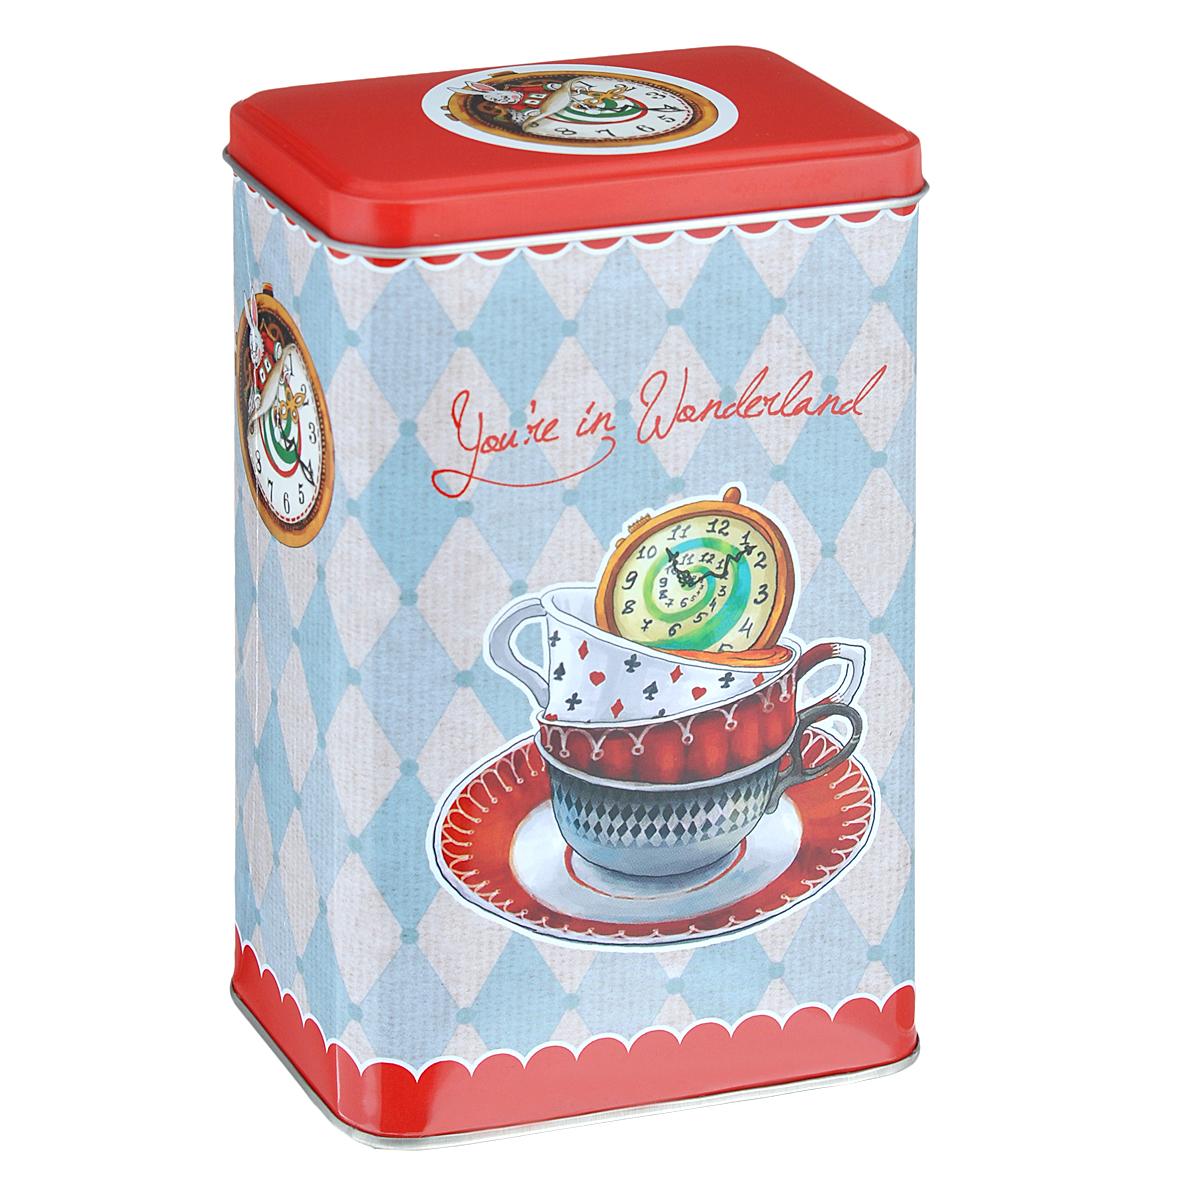 Банка для сыпучих продуктов Феникс-презент Чайное время, 900 мл37617Банка для сыпучих продуктов Феникс-презент Чайное время, изготовленная из окрашенного черного металла, оформлена ярким рисунком. Банка прекрасно подойдет для хранения различных сыпучих продуктов: специй, чая, кофе, сахара, круп и многого другого. Емкость плотно закрывается крышкой. Благодаря этому она будет дольше сохранять свежесть ваших продуктов. Функциональная и вместительная, такая банка станет незаменимым аксессуаром на любой кухне. Нельзя мыть в посудомоечной машине. Объем банки: 900 мл. Высота банки (без учета крышки): 16 см. Размер банки (по верхнему краю): 9,5 см х 6 см.